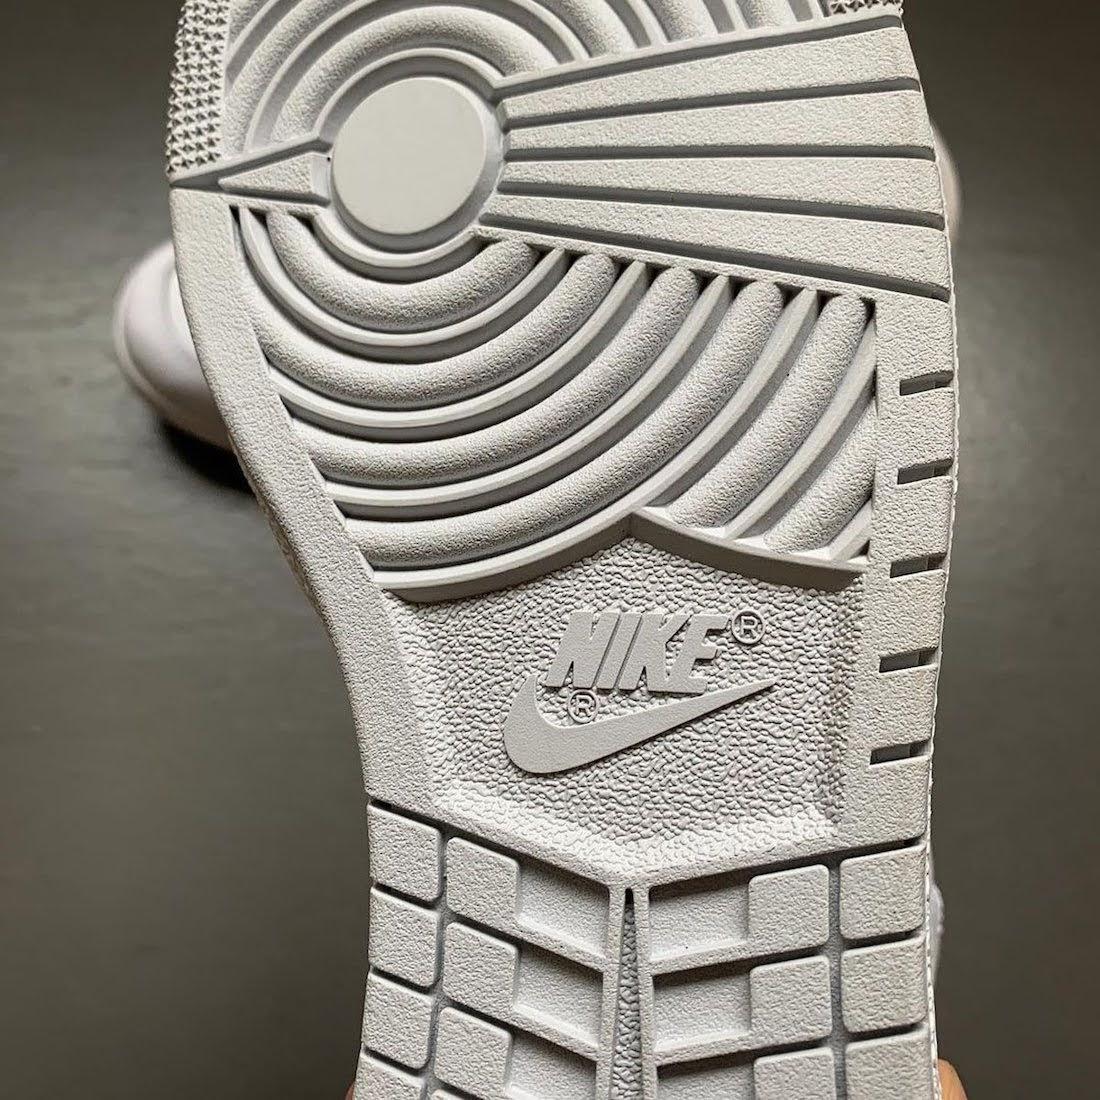 """ナイキ エアジョーダン1 ハイ 85 """"ニュートラルグレー""""-Nike-Air-Jordan-1-High-85-Neutral-Grey-BQ4422-100-2021-sole"""